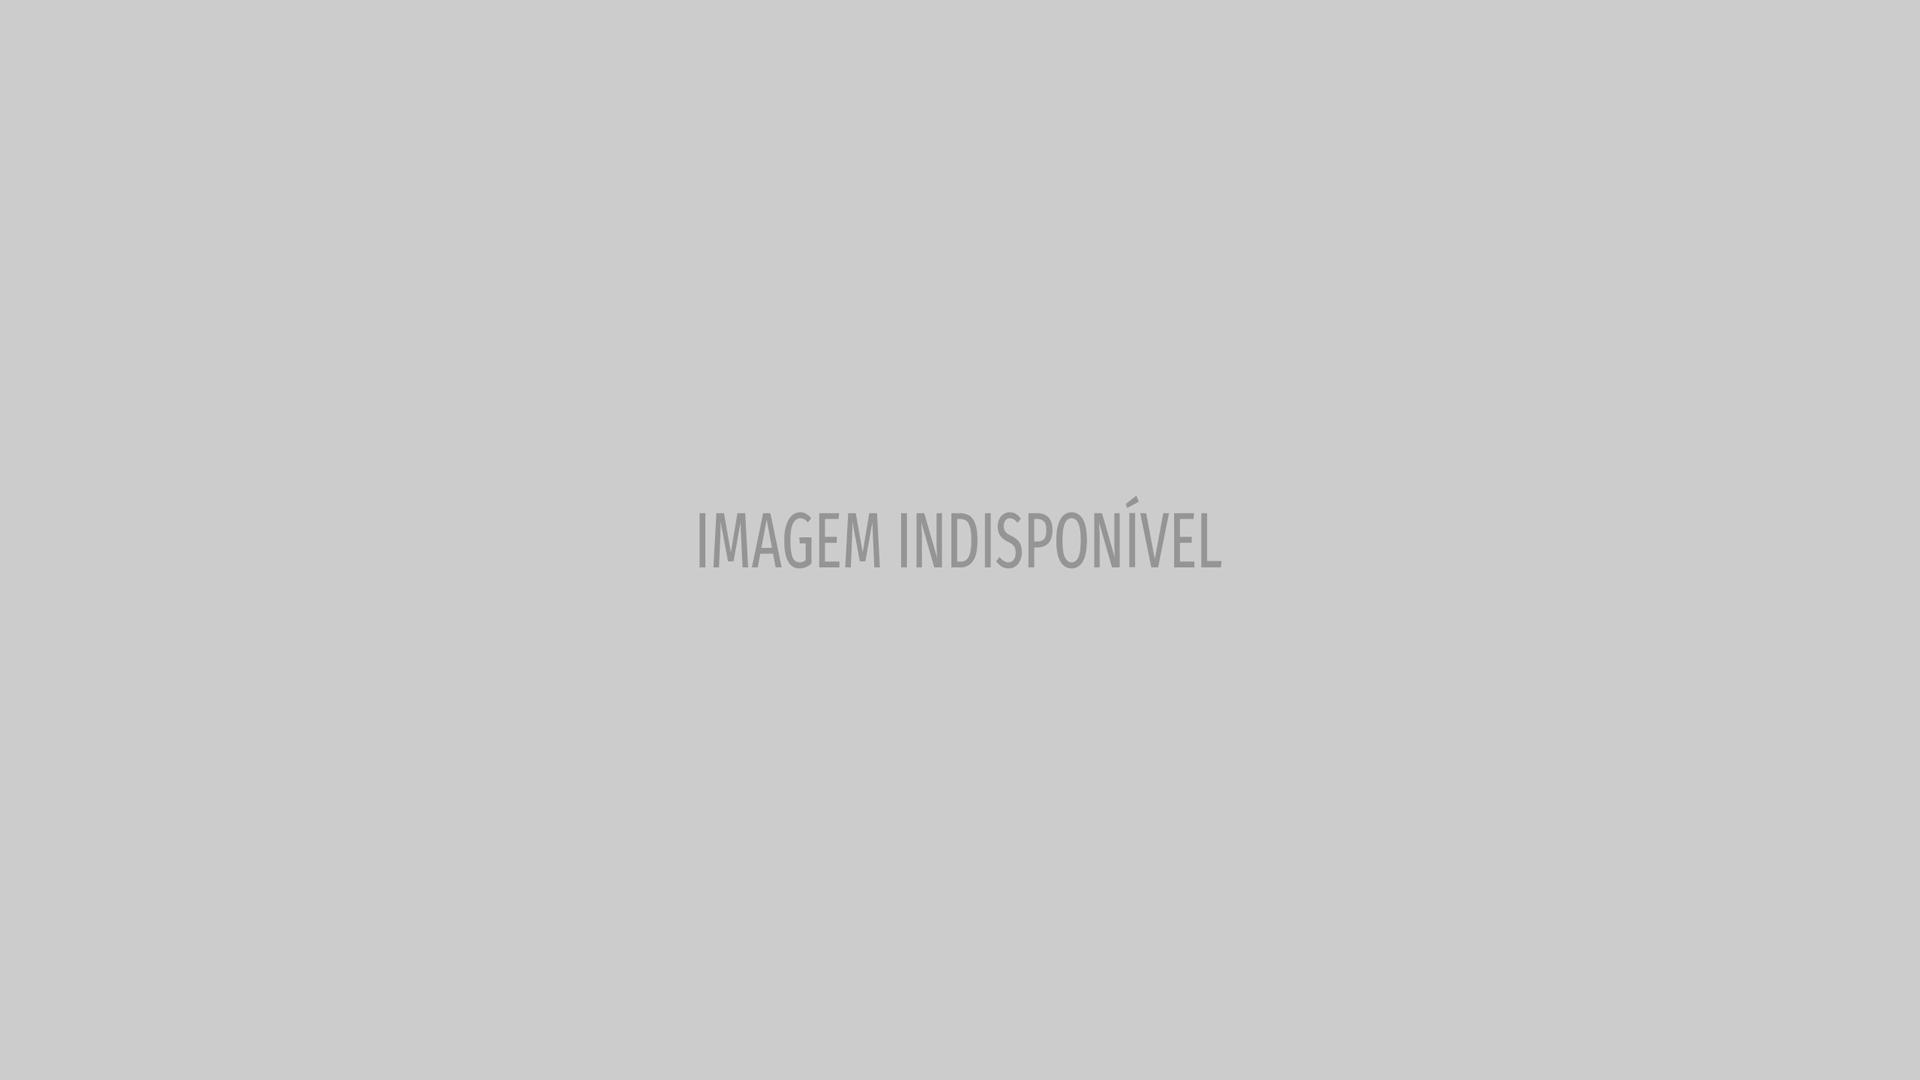 """Marco Delgado chora a morte do cão: """"Vejo-te noutra vida"""""""